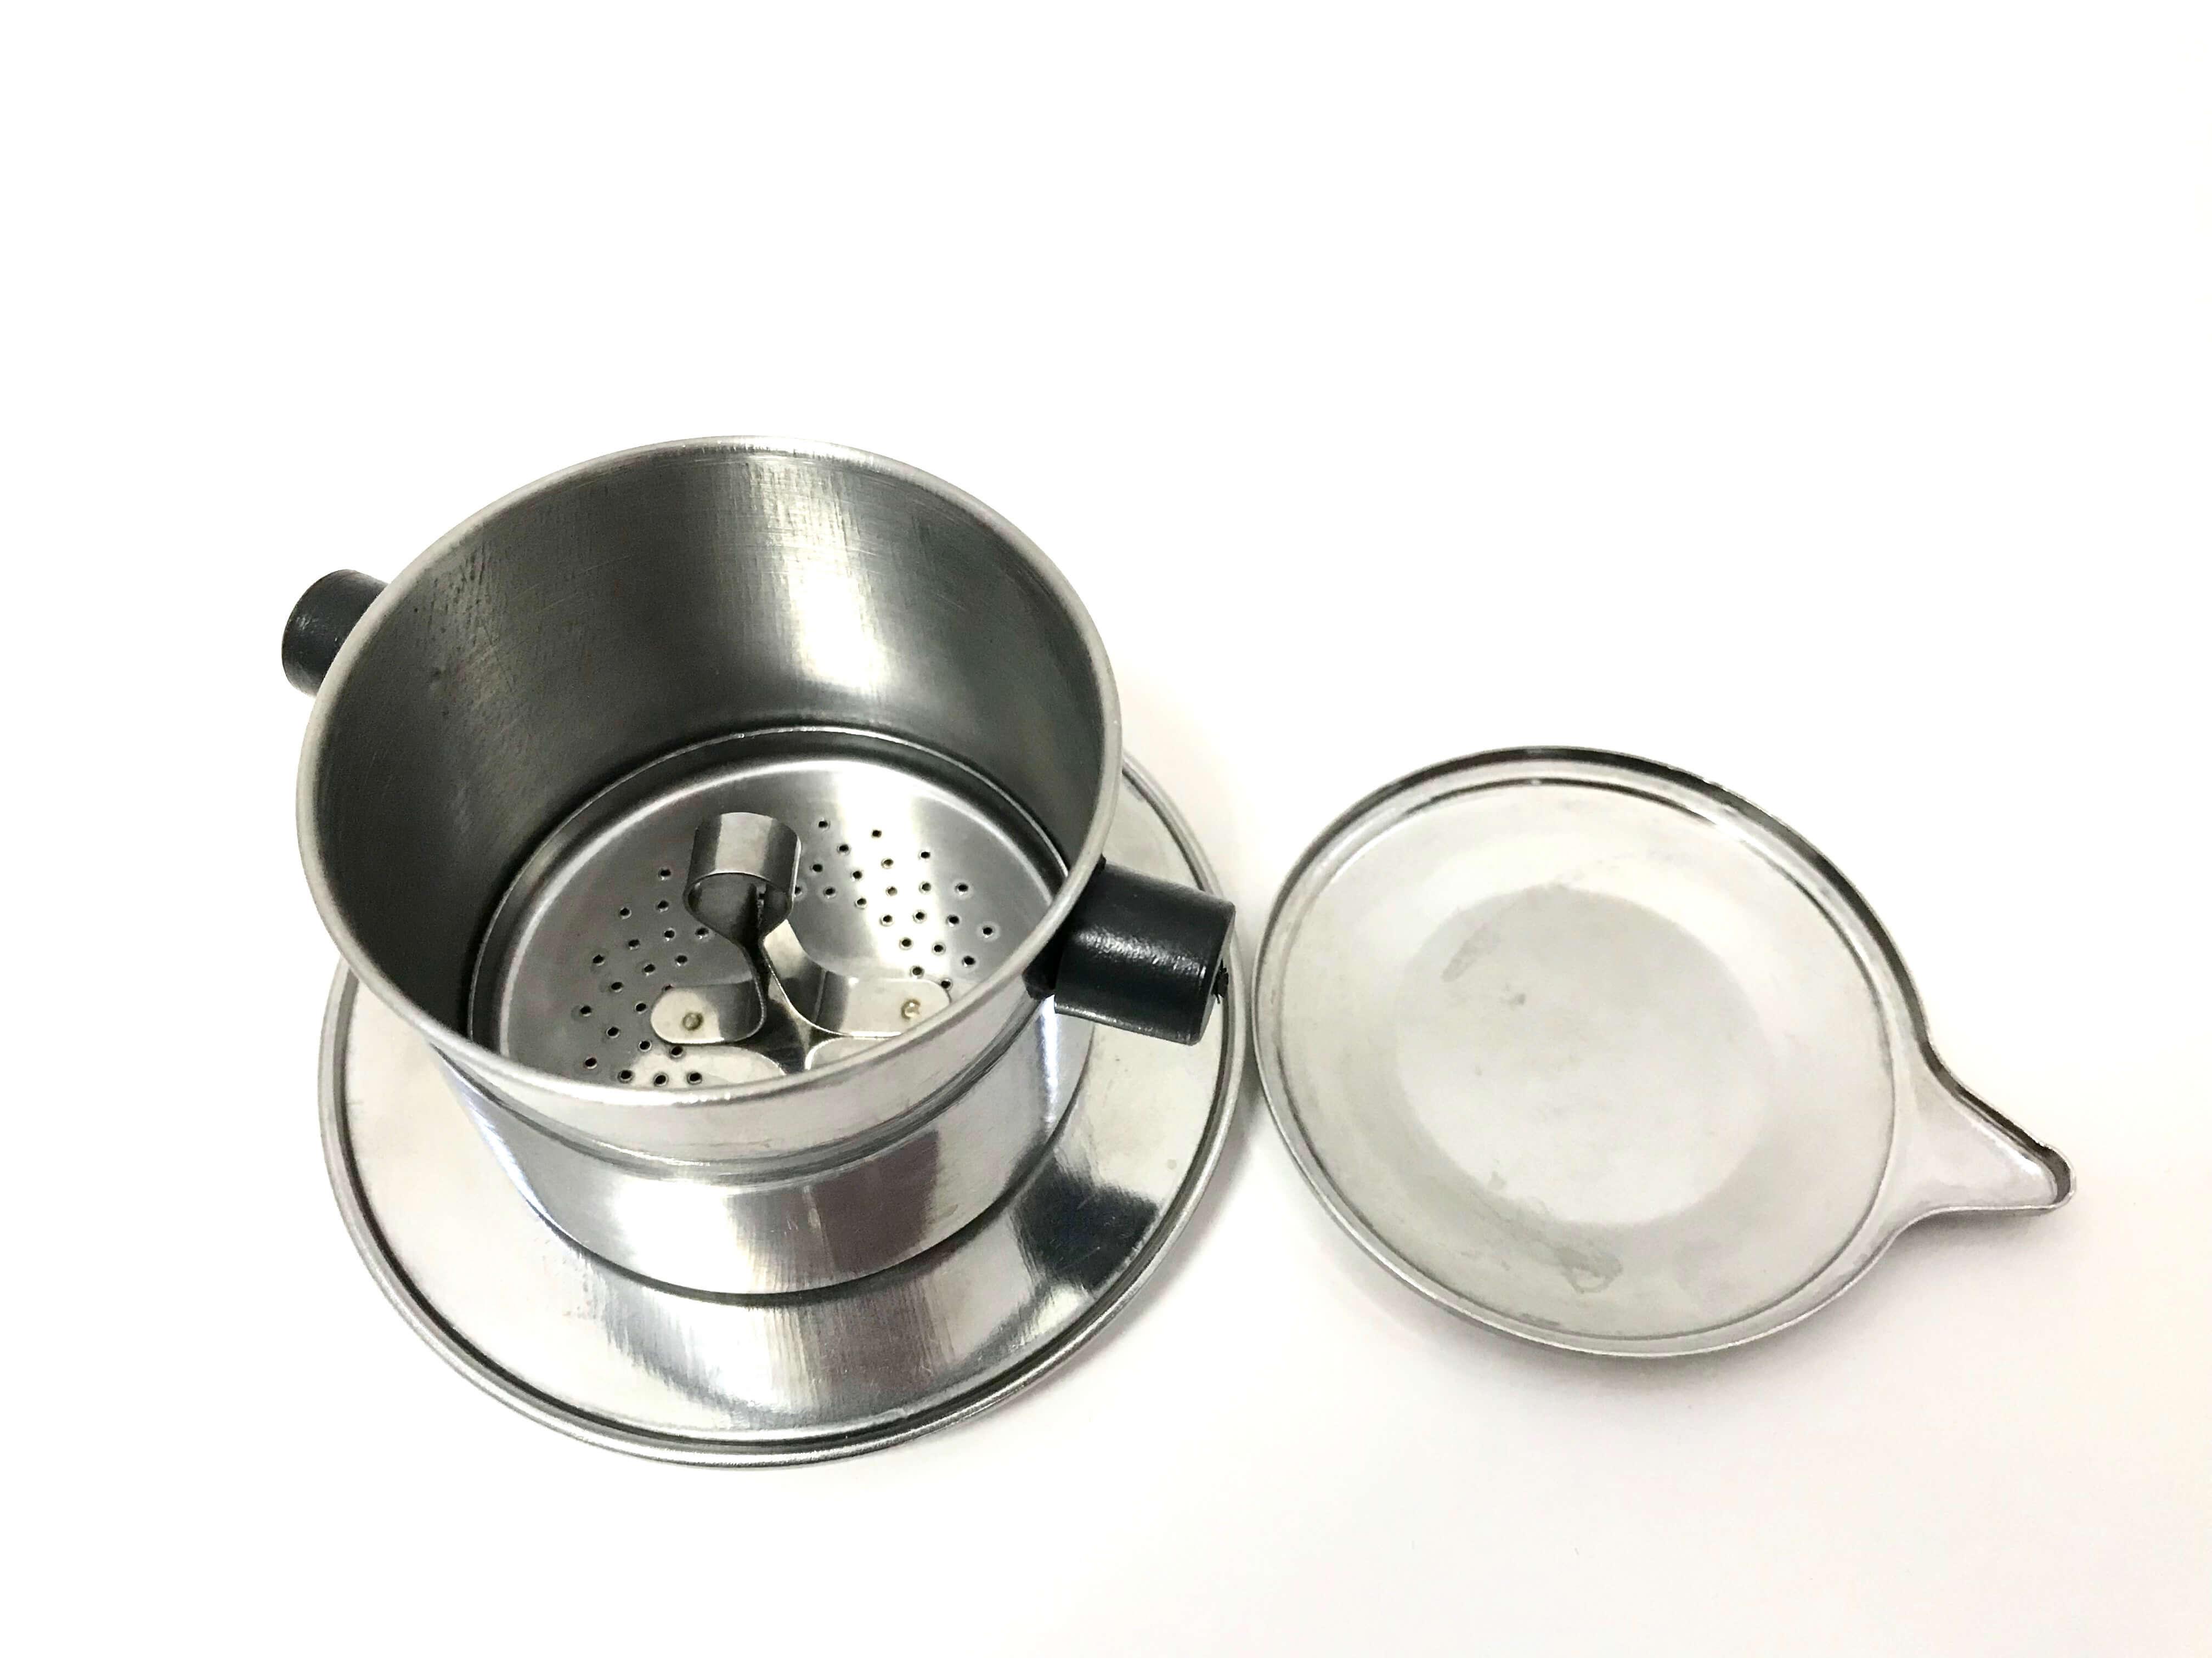 Пресс-фильтр для кофе по-вьетнамски (фин): как заваривать в чашке